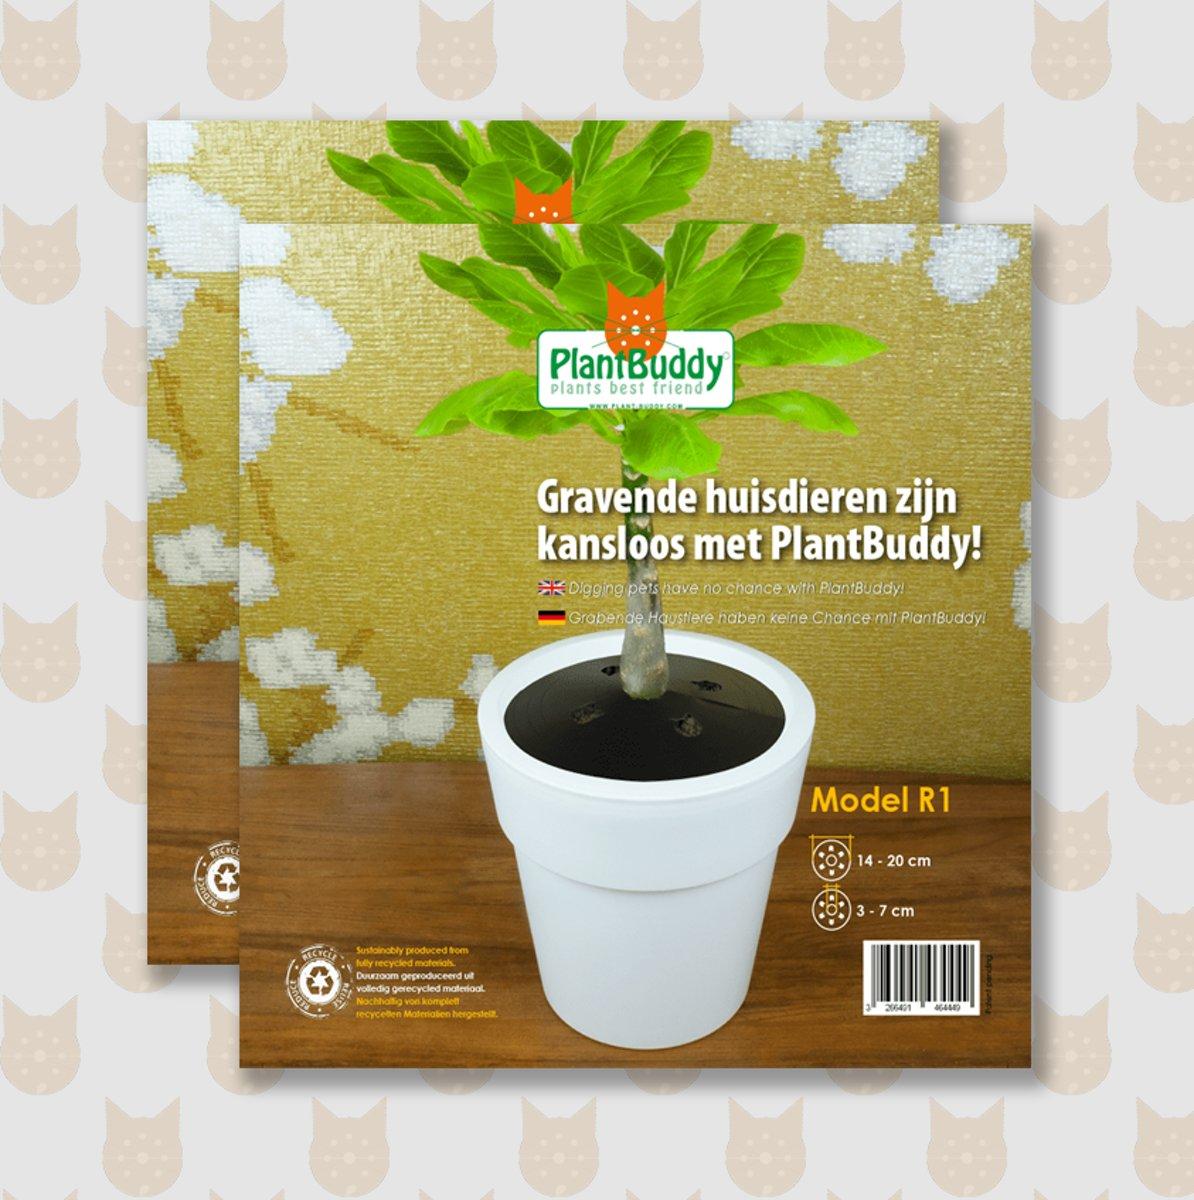 Set van 2 PlantBuddy R1 modellen;  Rond 14 tot 20cm kopen